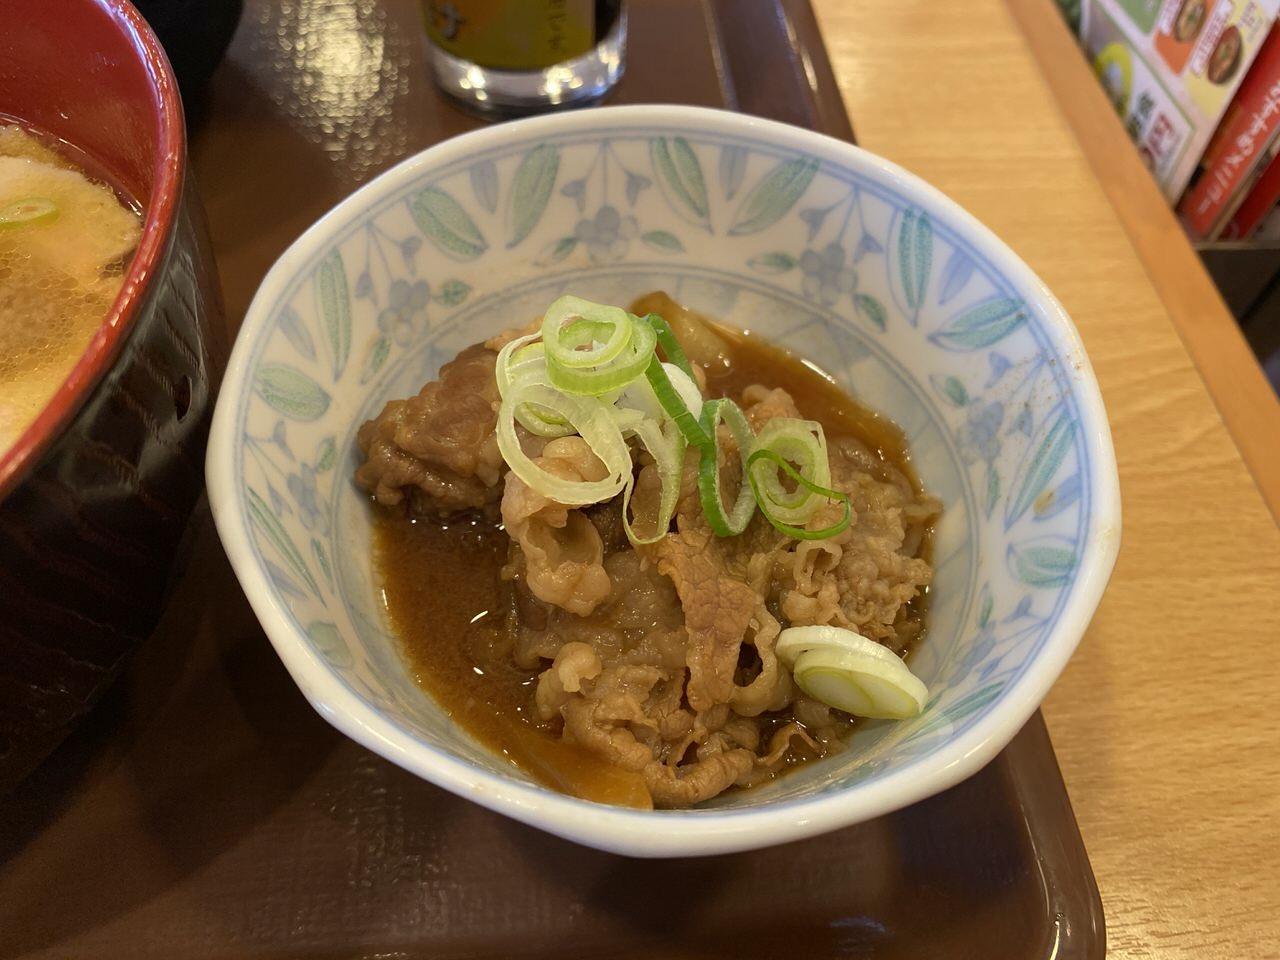 すき家の朝食で味噌汁を豚汁に変更 4